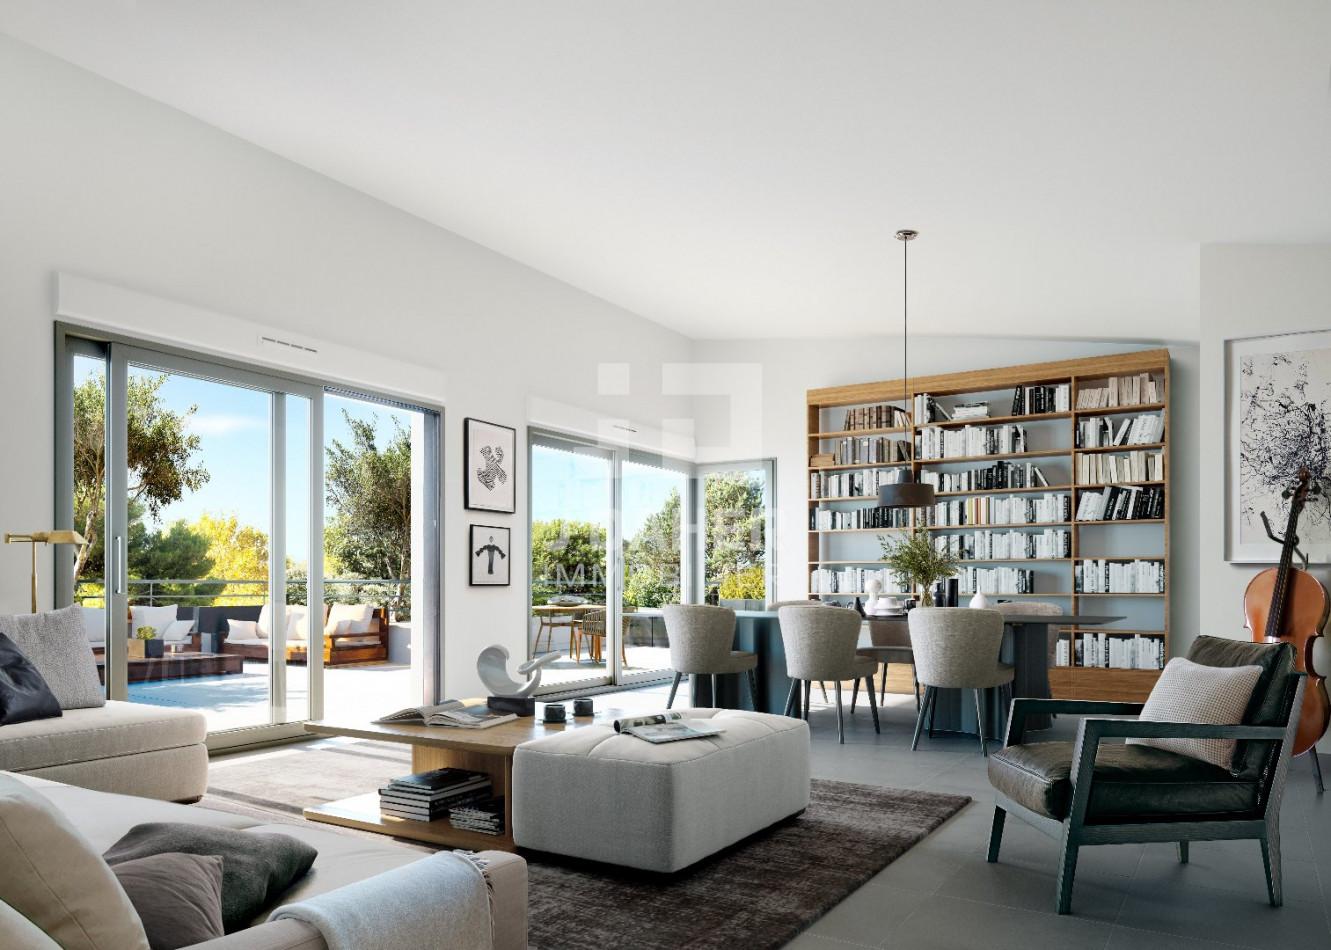 A vendre  Marseille 8eme Arrondissement | Réf 13025988 - J daher immobilier